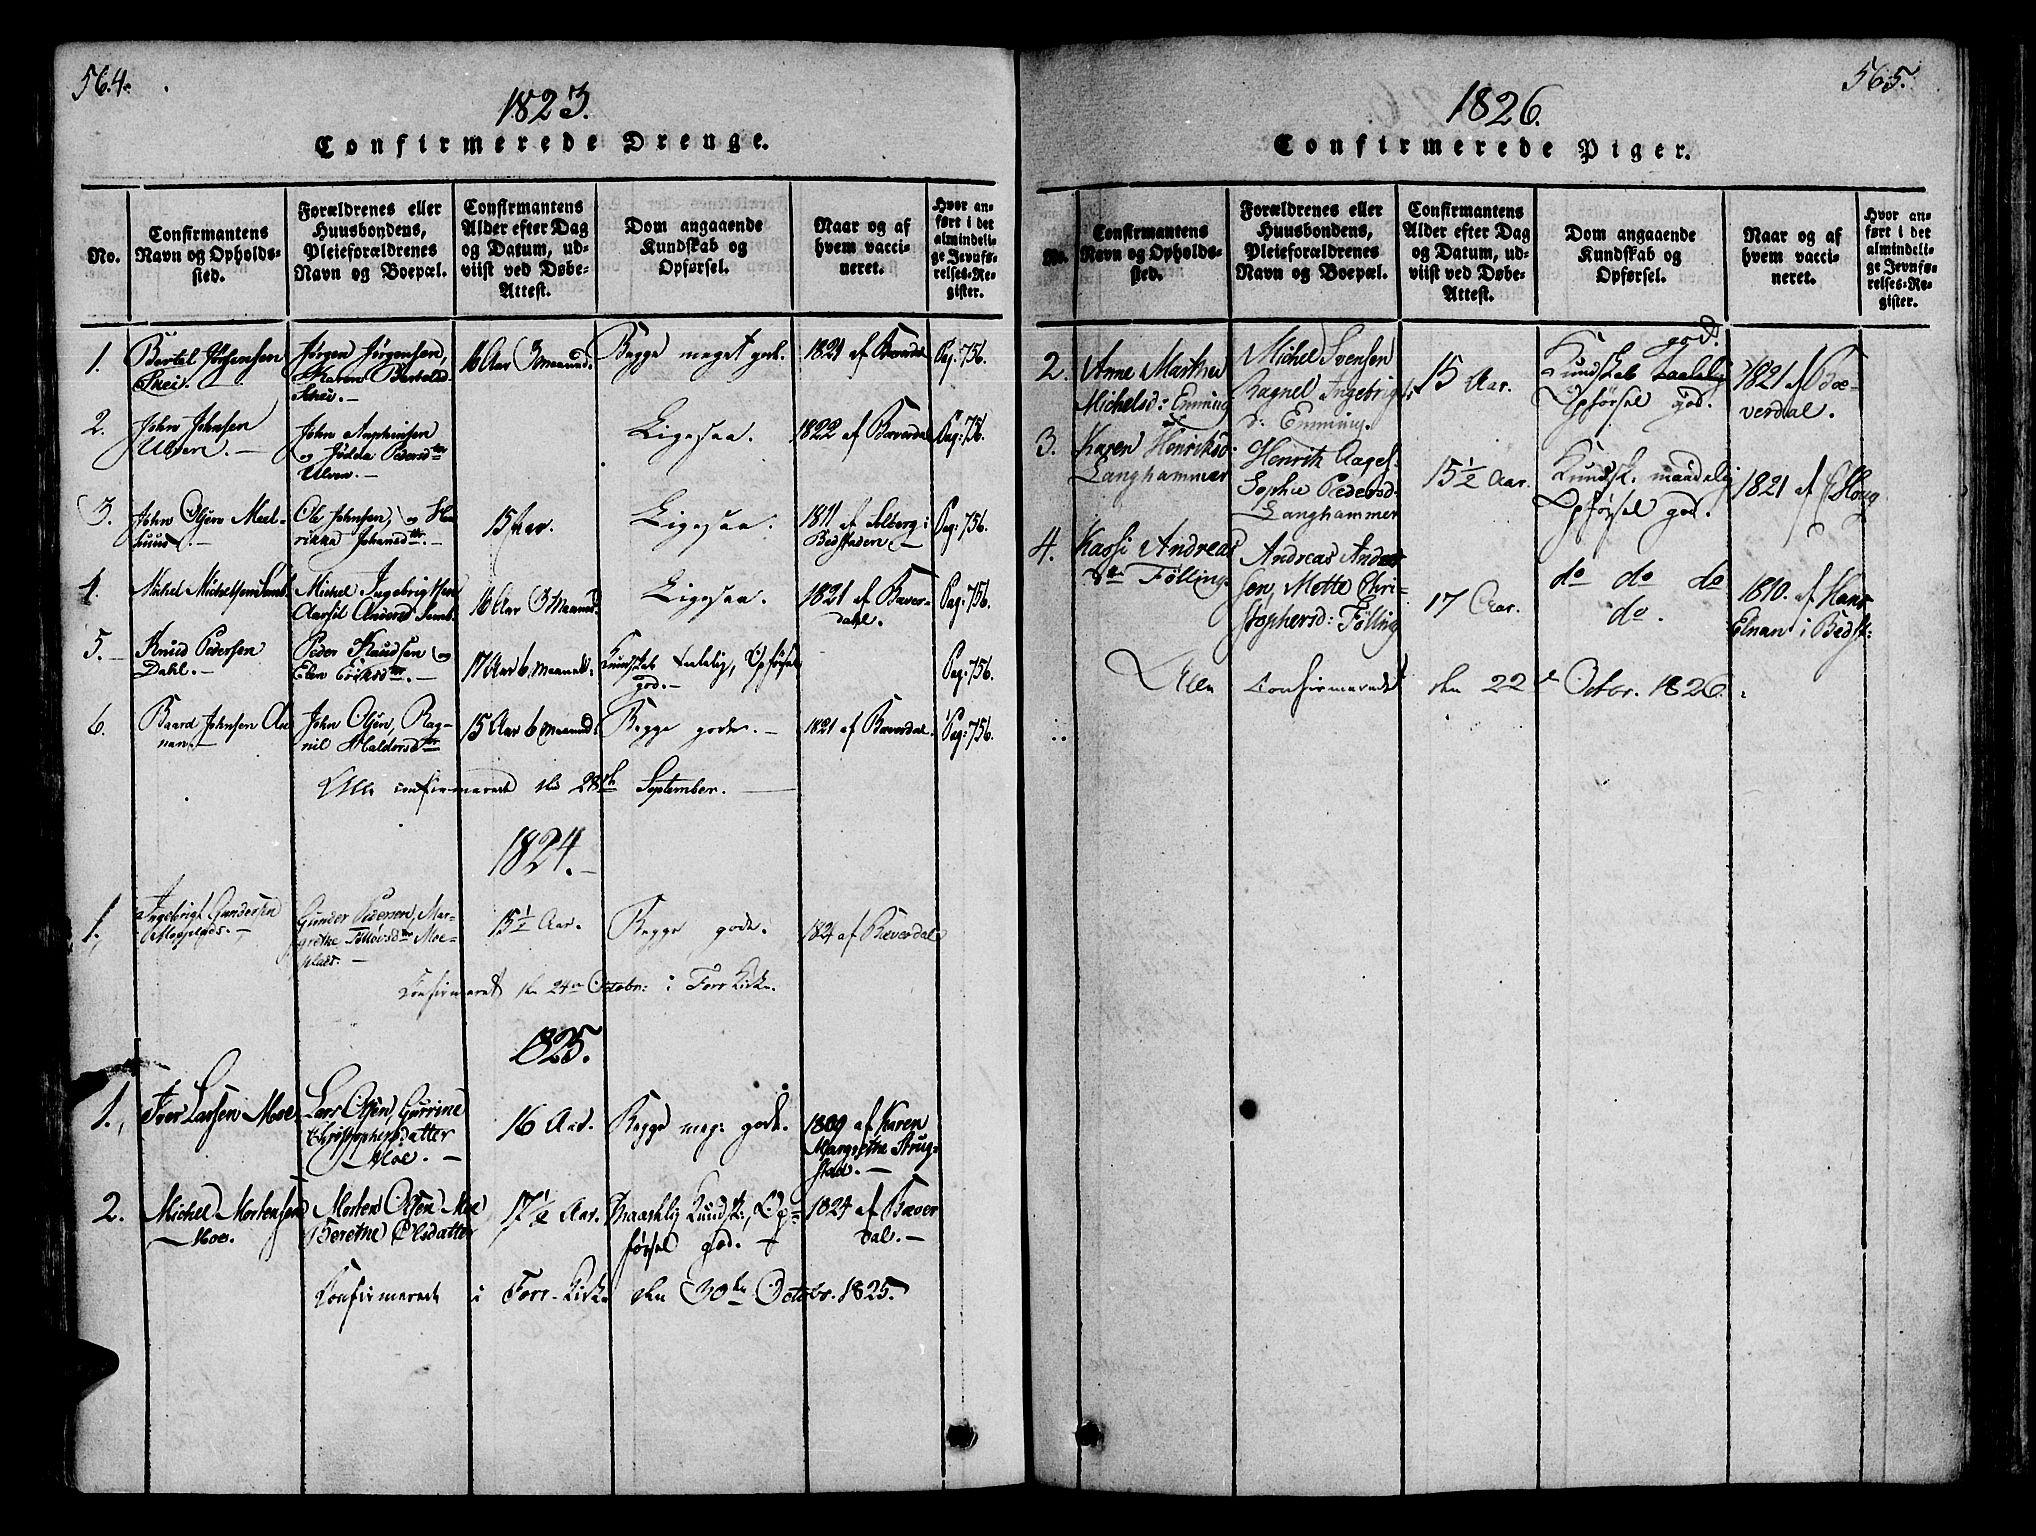 SAT, Ministerialprotokoller, klokkerbøker og fødselsregistre - Nord-Trøndelag, 746/L0441: Ministerialbok nr. 746A03 /4, 1816-1827, s. 564-565